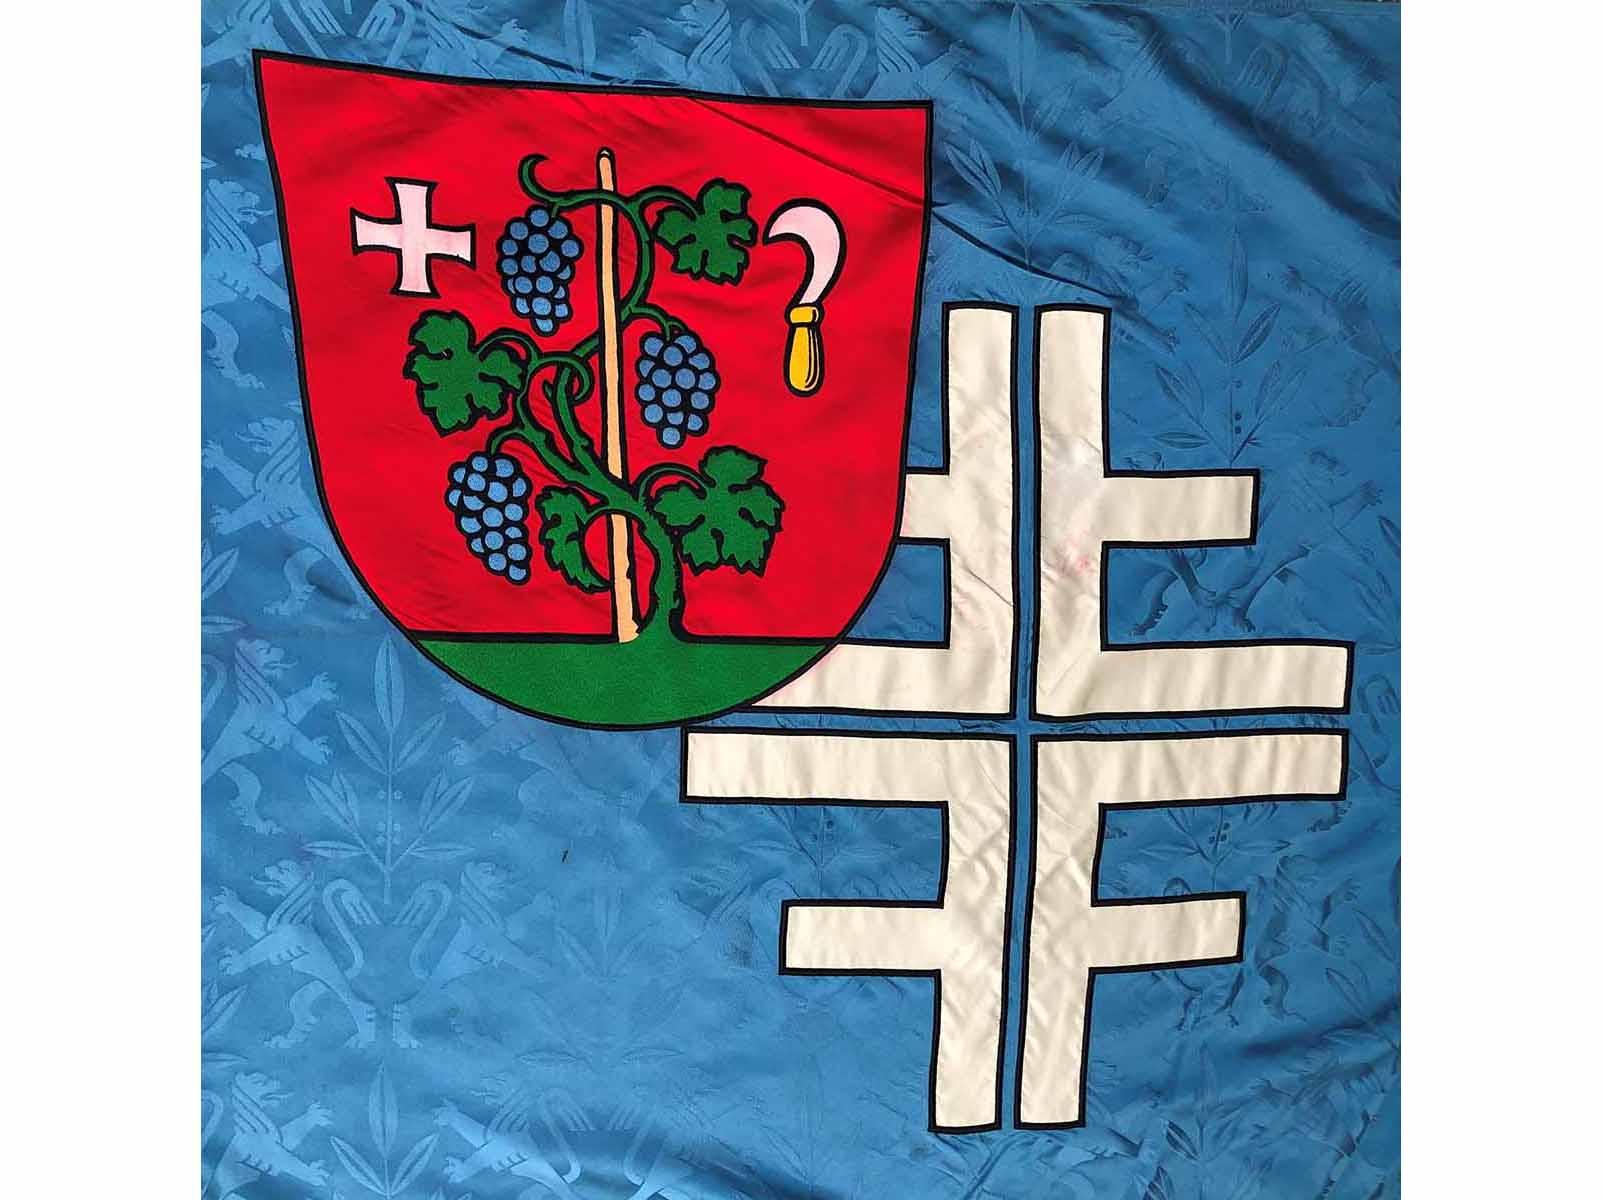 Auch das Logo mit den vier F hat die 150 Jahre überdauert.